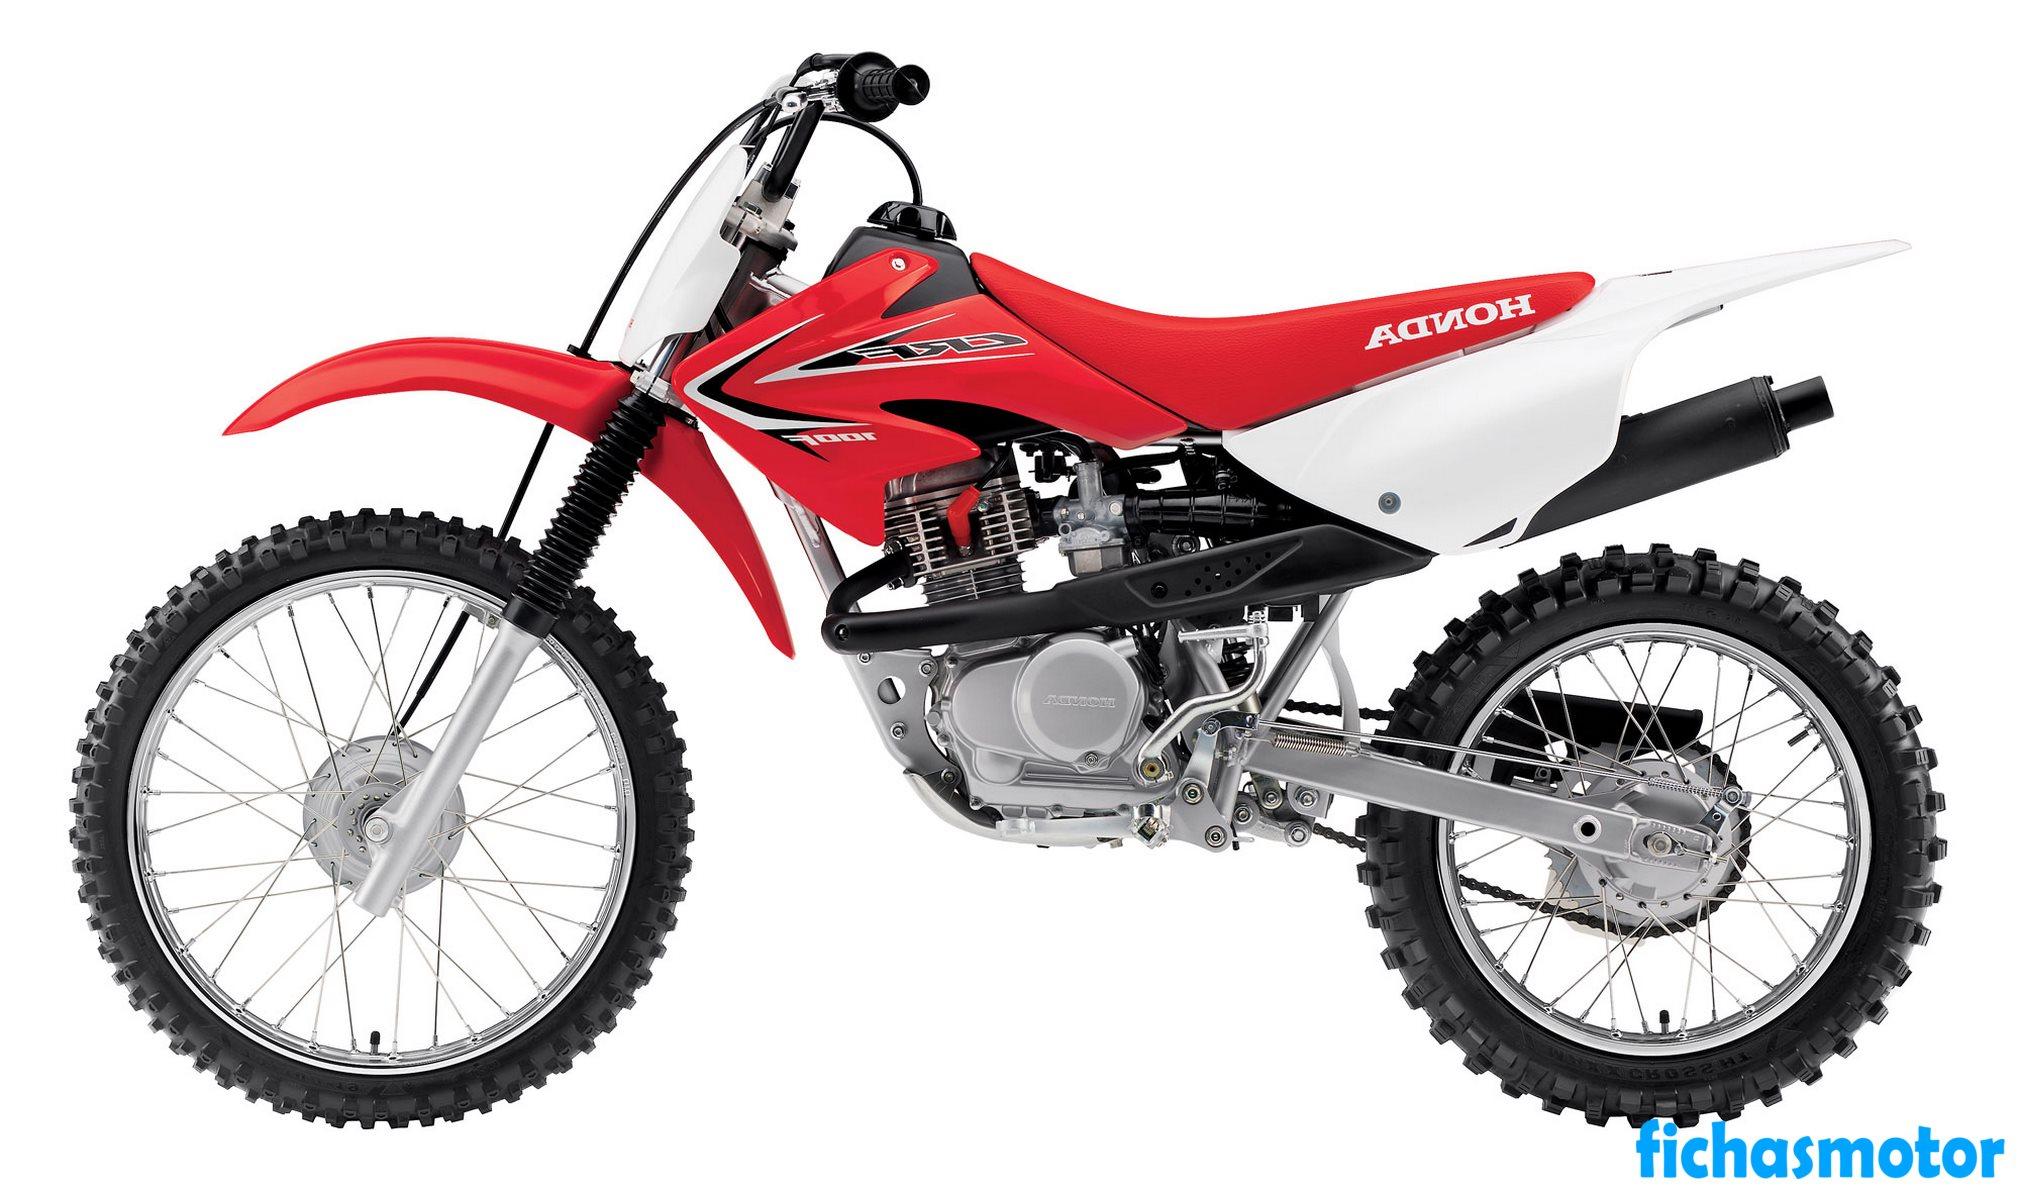 Ficha técnica Honda crf100f 2015